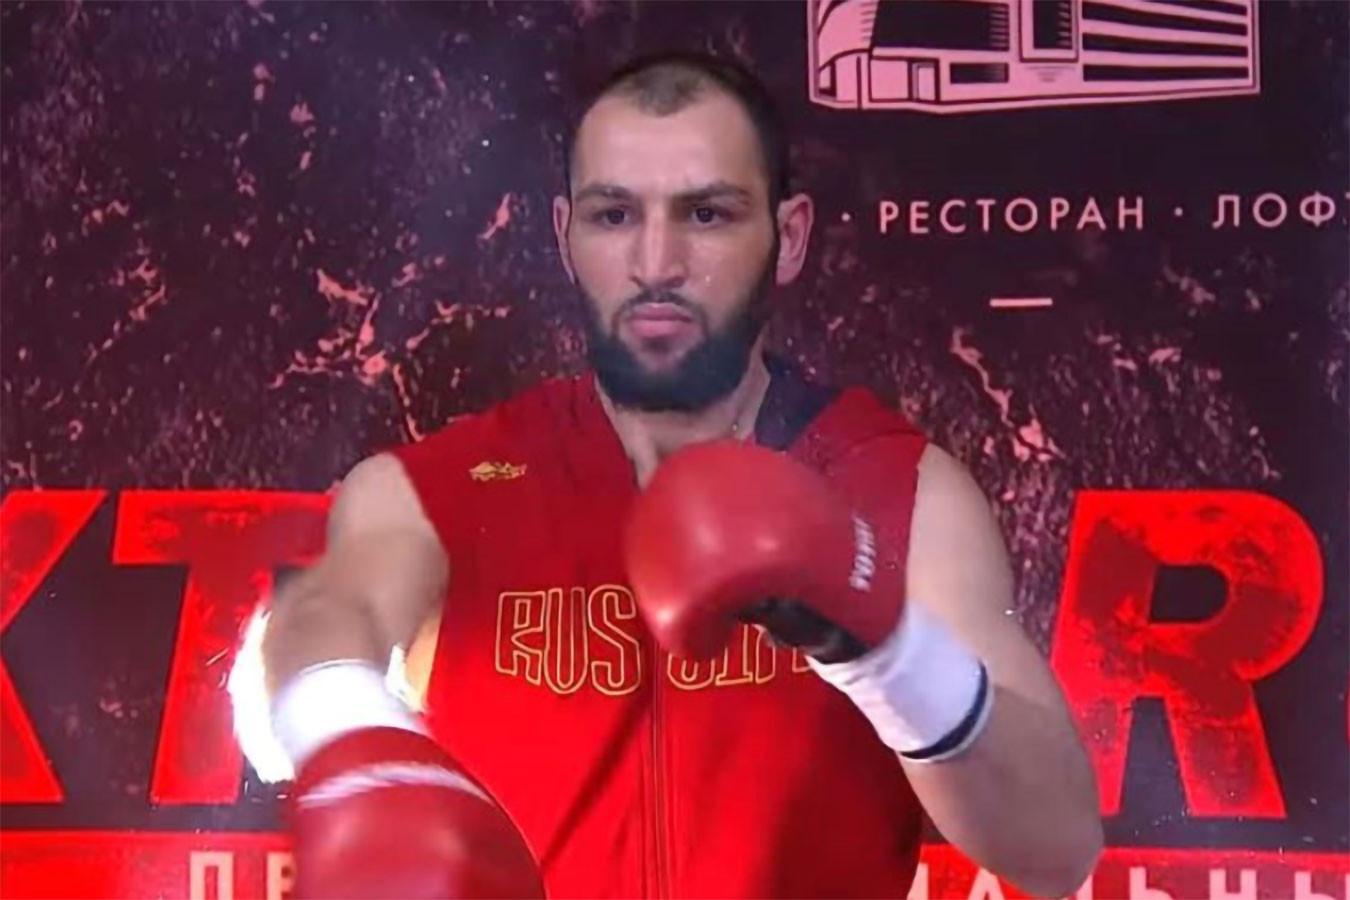 Боксёр Пашалиев госпитализирован после тяжёлого нокаута на турнире в Москве